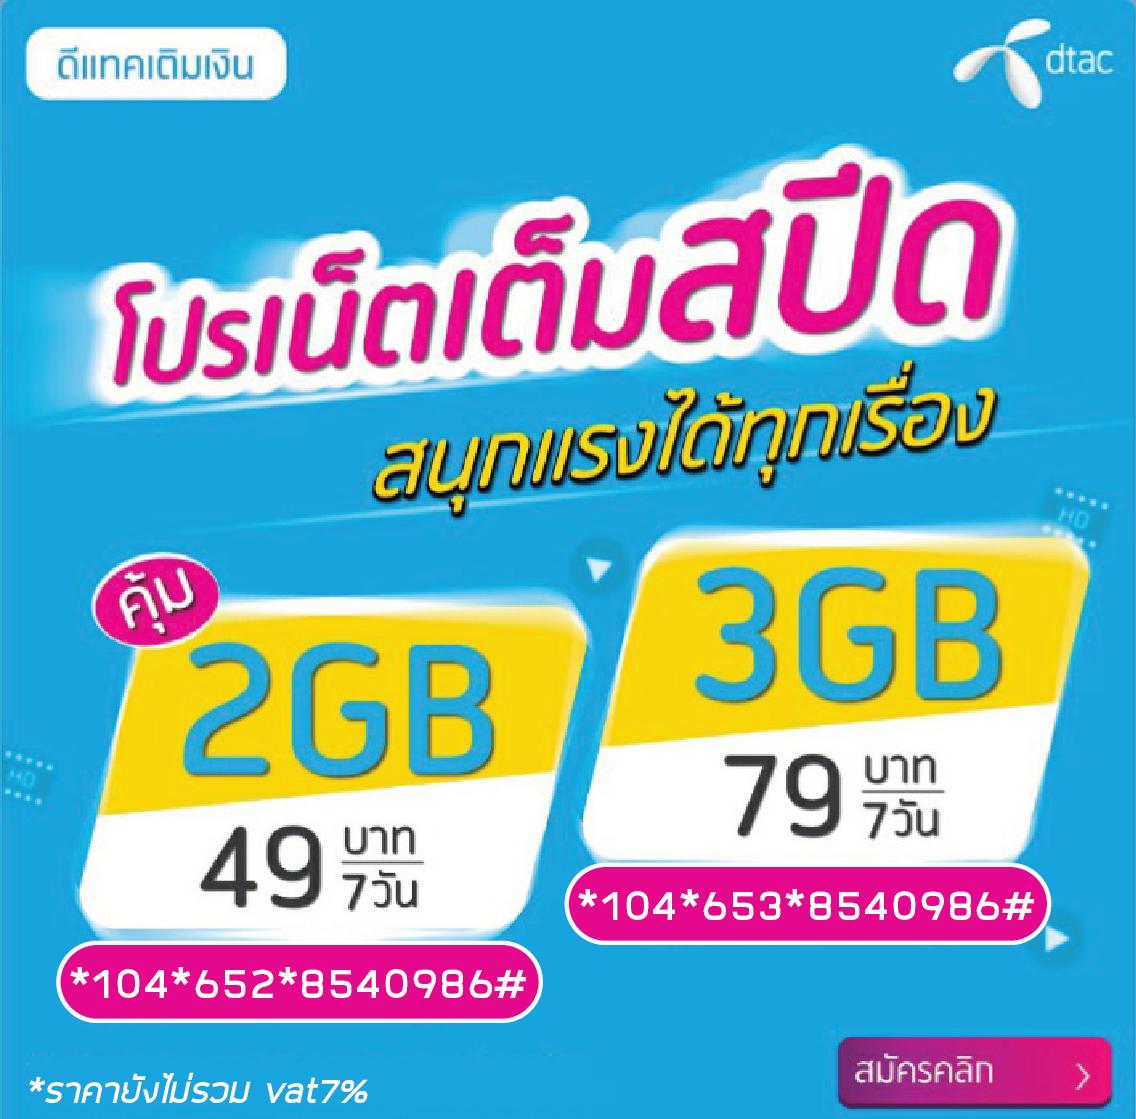 เน็ตดีแทค 2GB 49 บาท Dtac 2GB 49 บาท , 3GB 79 บาท โปรดีแทค 4G ความเร็วคงที่